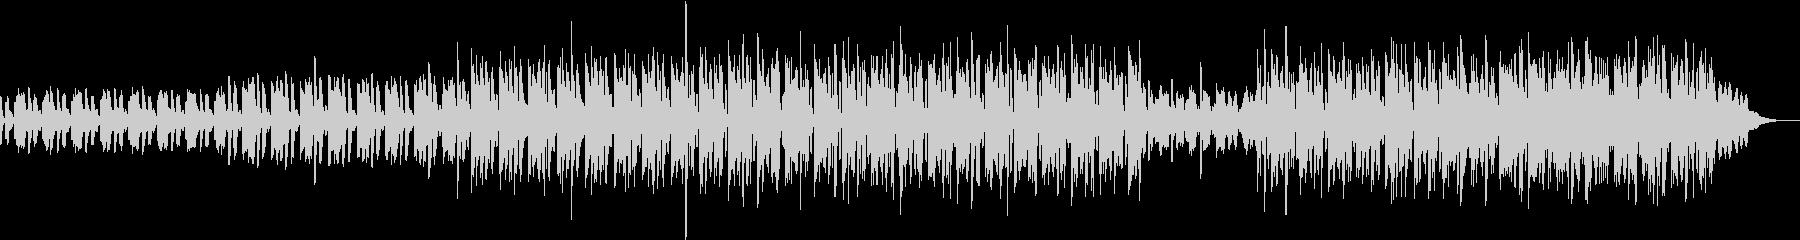 弾けるような音が印象的な電子音ポップの未再生の波形